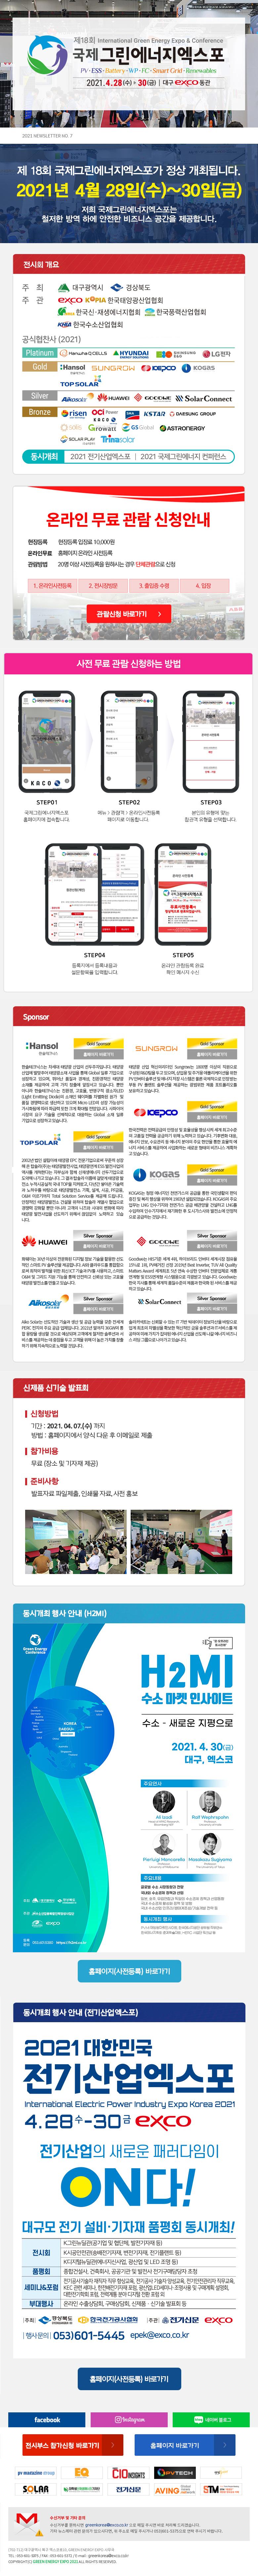 2021_newsletter_7-5.jpg